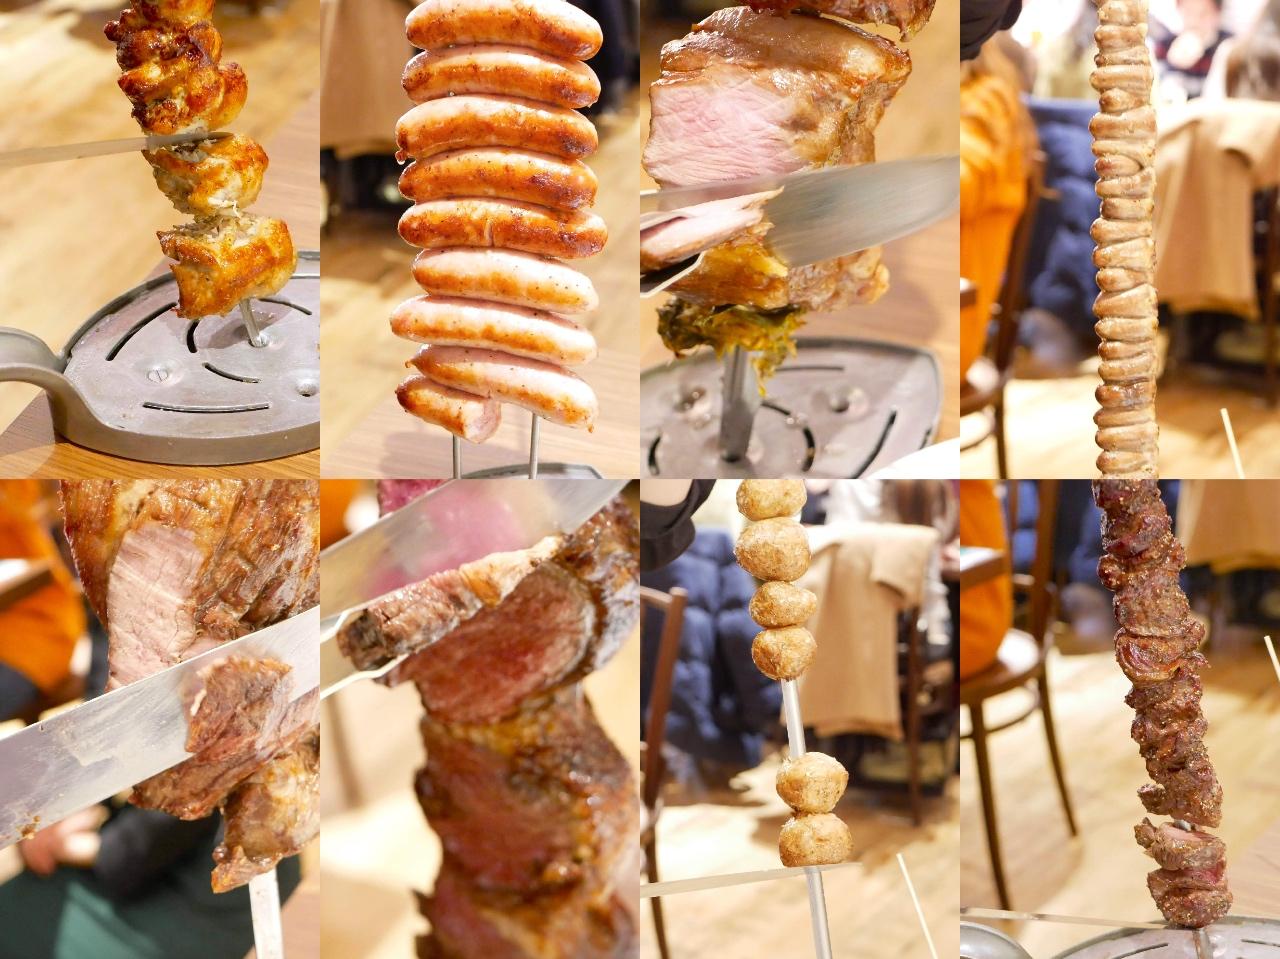 http://dinner.tokyo-review.com/images/%E3%82%B7%E3%83%A5%E3%83%A9%E3%82%B9%E3%82%B3.jpg